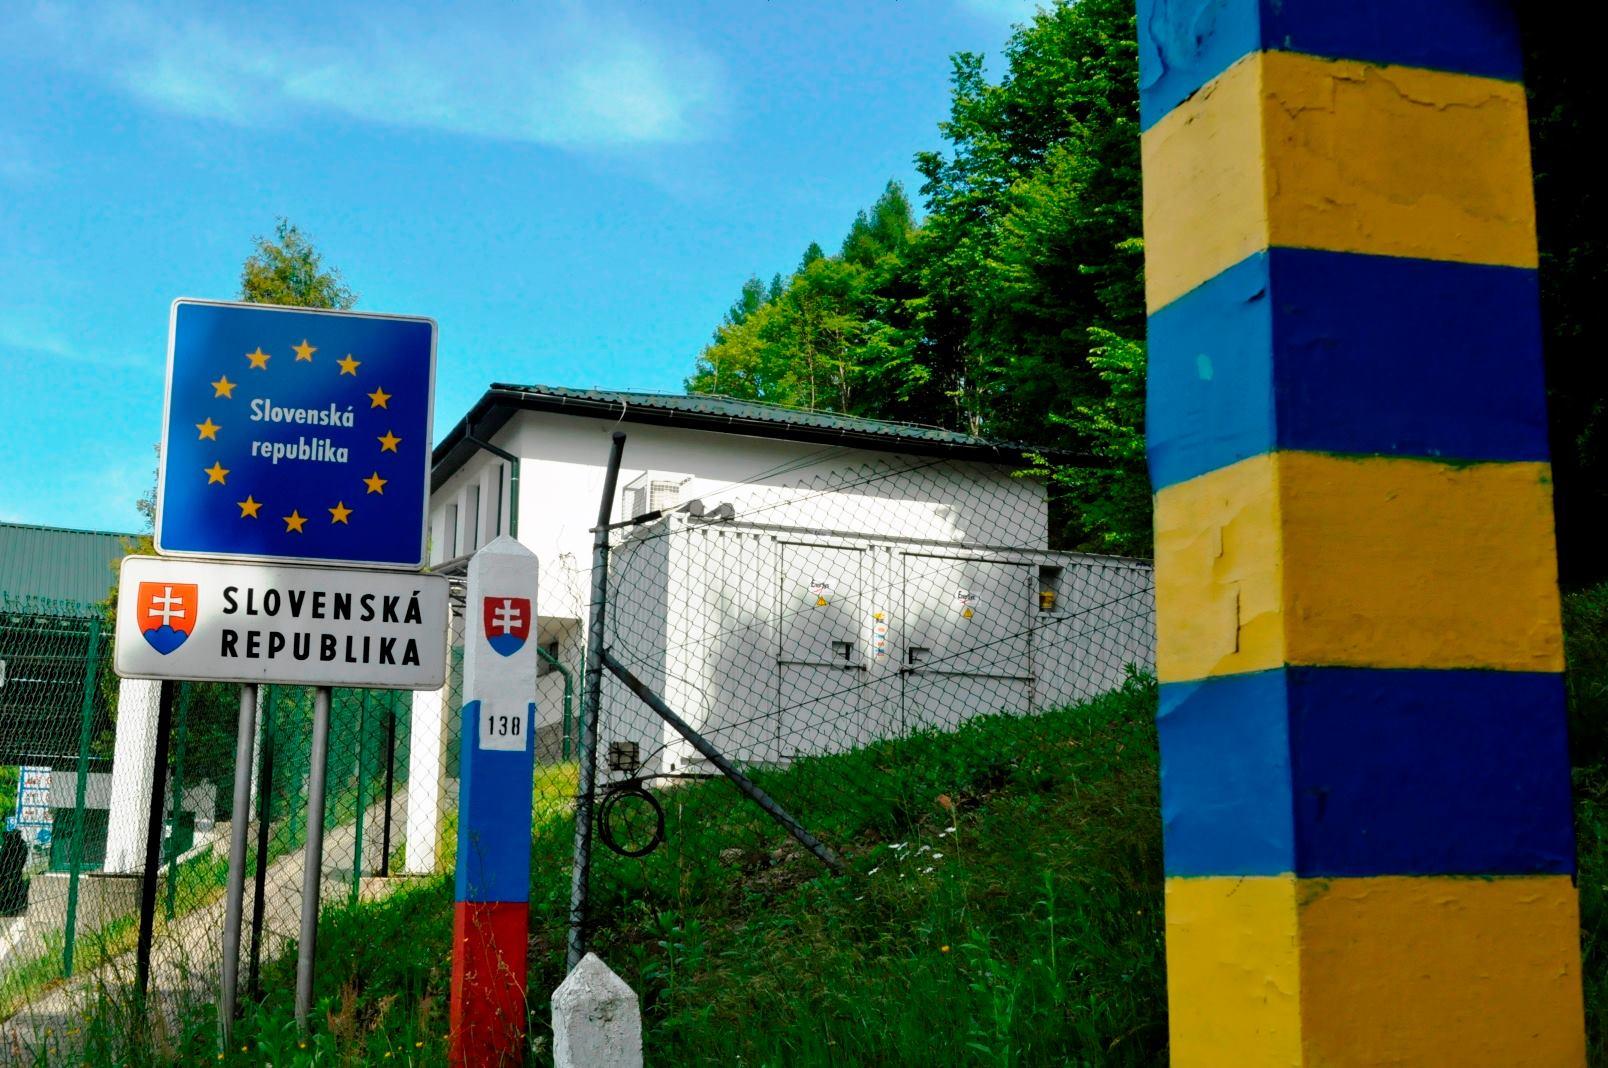 Лісівники та прикордонники спільно взяли під охорону кордон зі Словаччиною